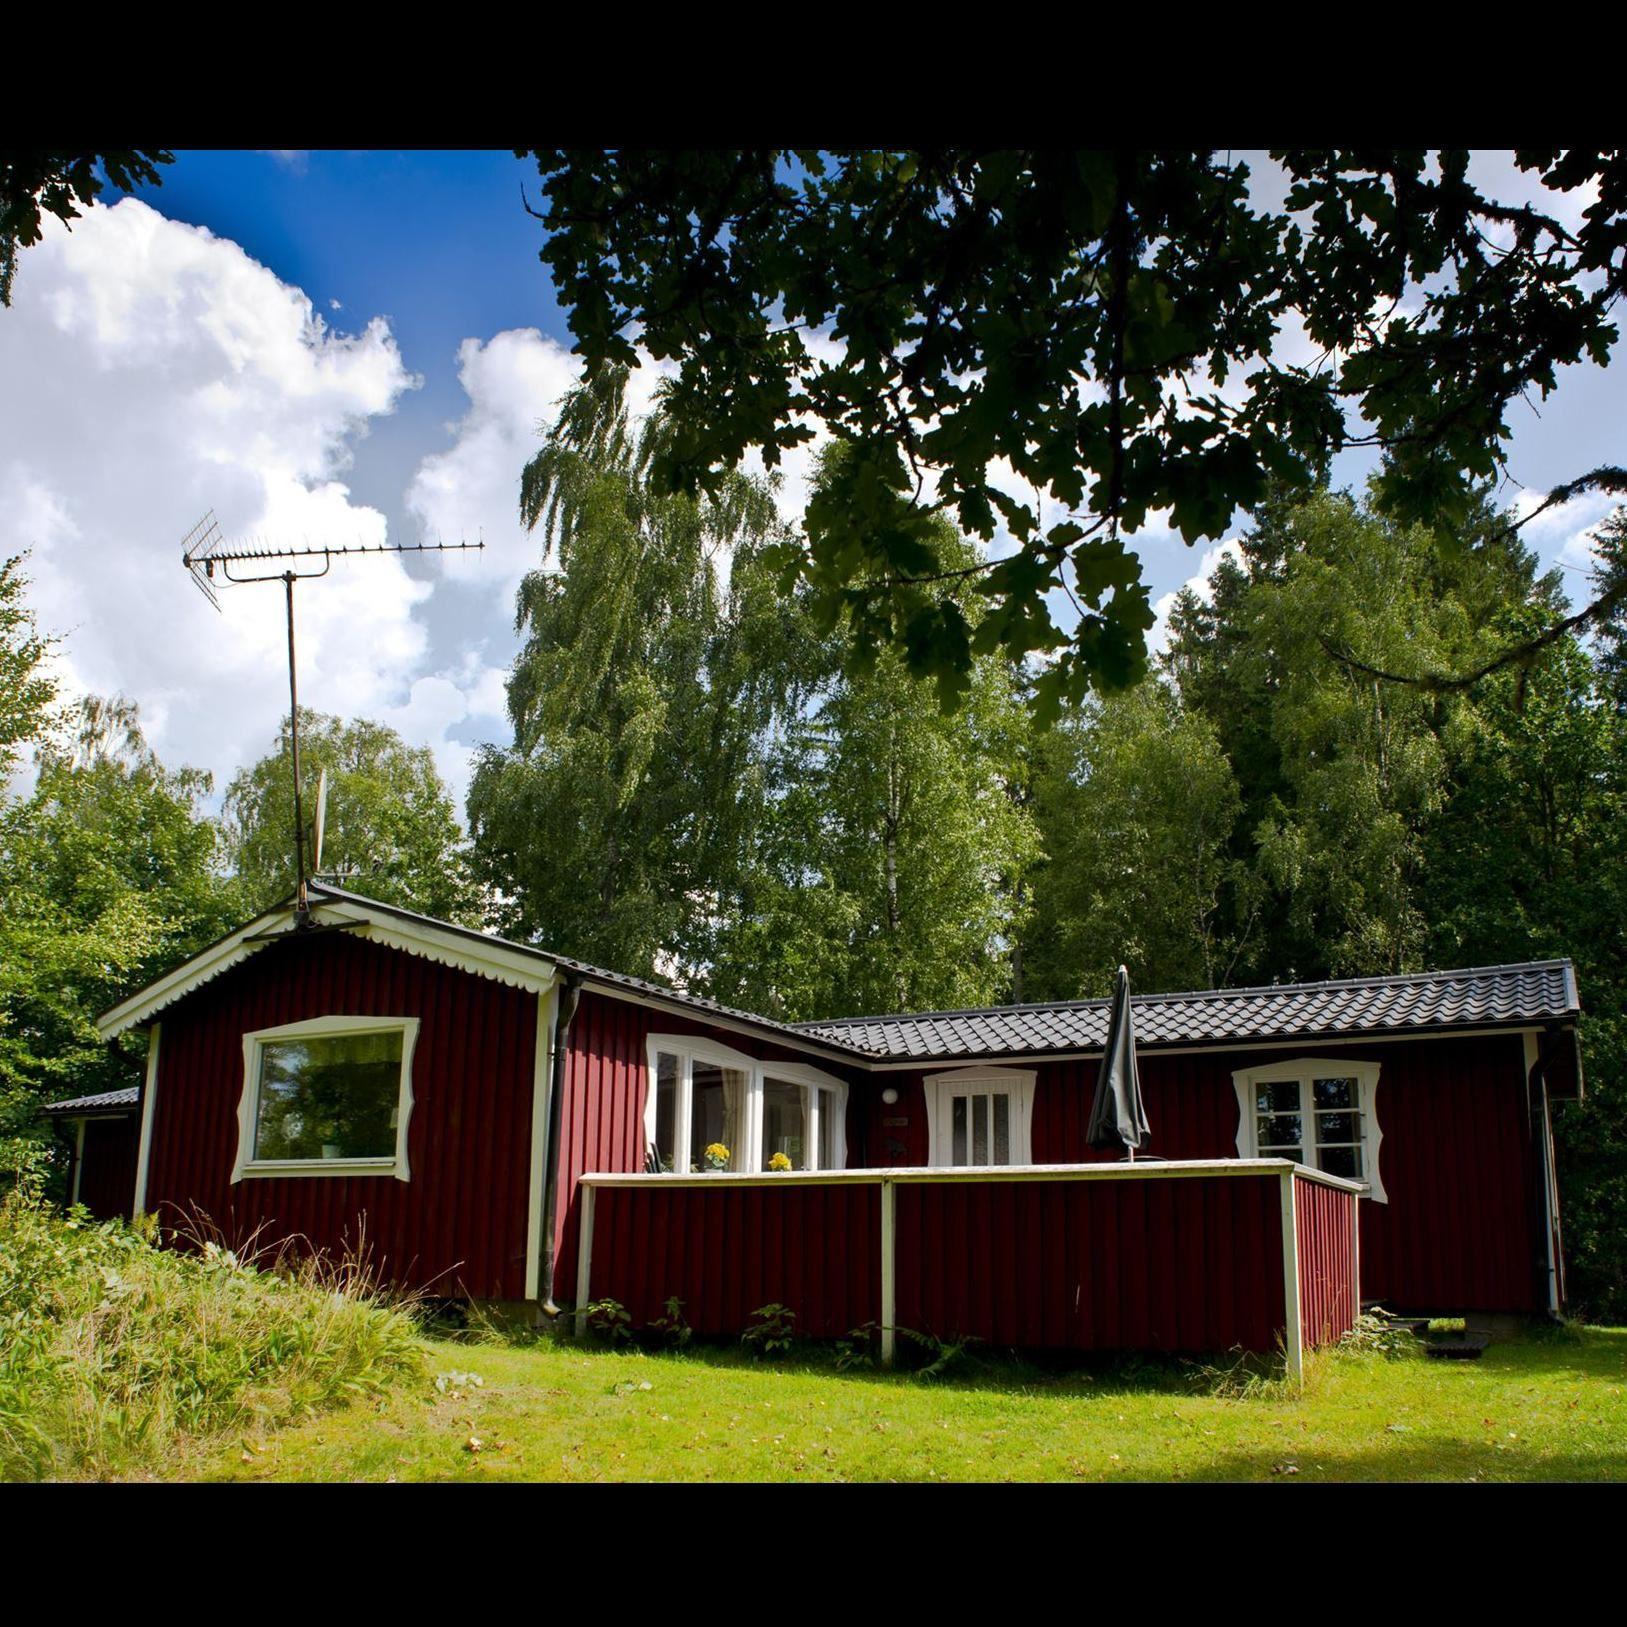 Cottage 03 - Skogstorpet - Kalvshults gård Käja och Roland Haraldsson